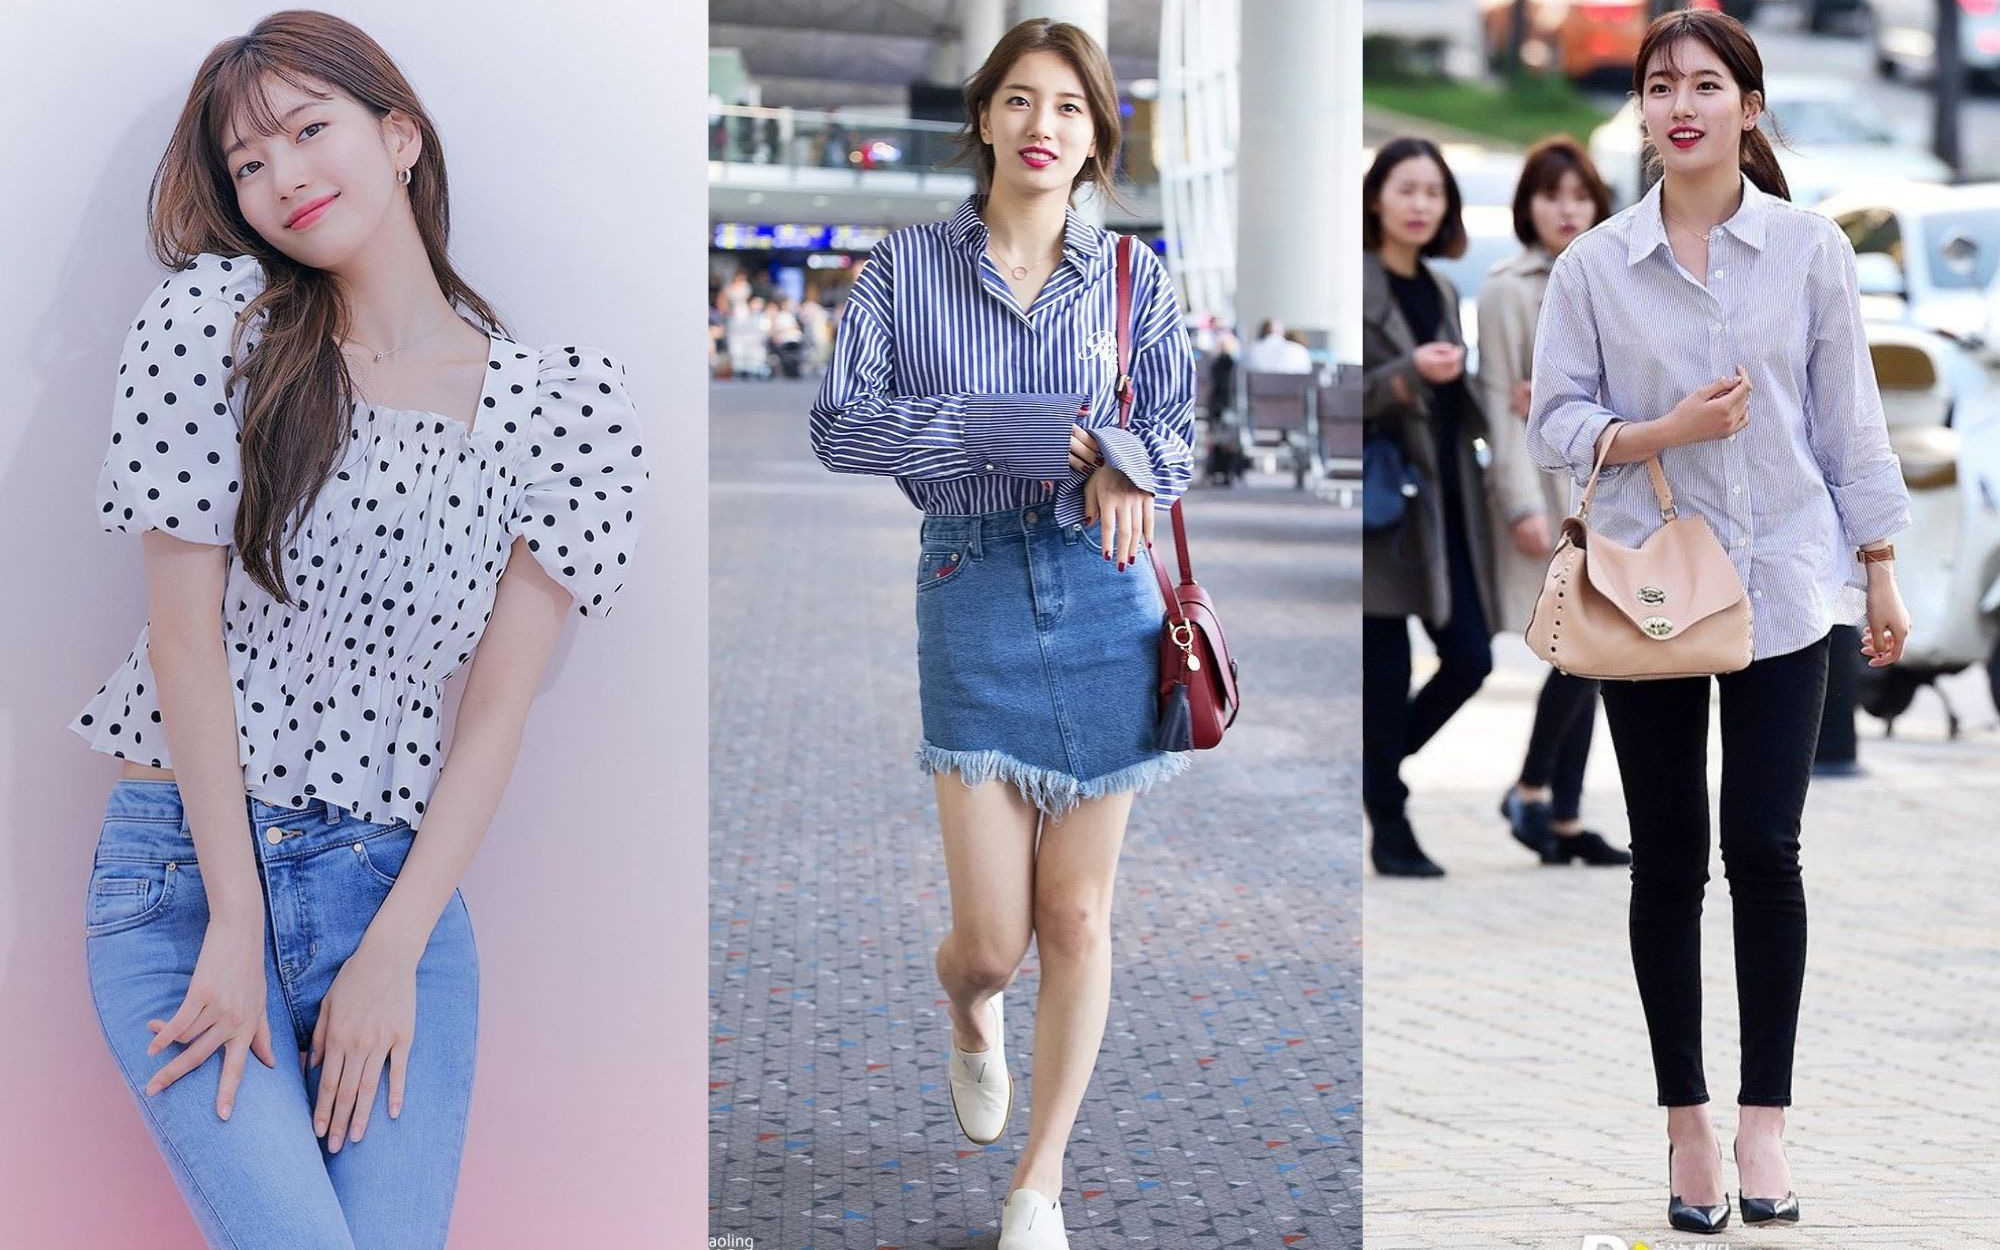 """Suzy toàn diện áo sơ mi/blouse theo cách siêu đơn giản nhưng xinh hết cỡ, chị em học theo là """"lên trình"""" mặc đẹp"""